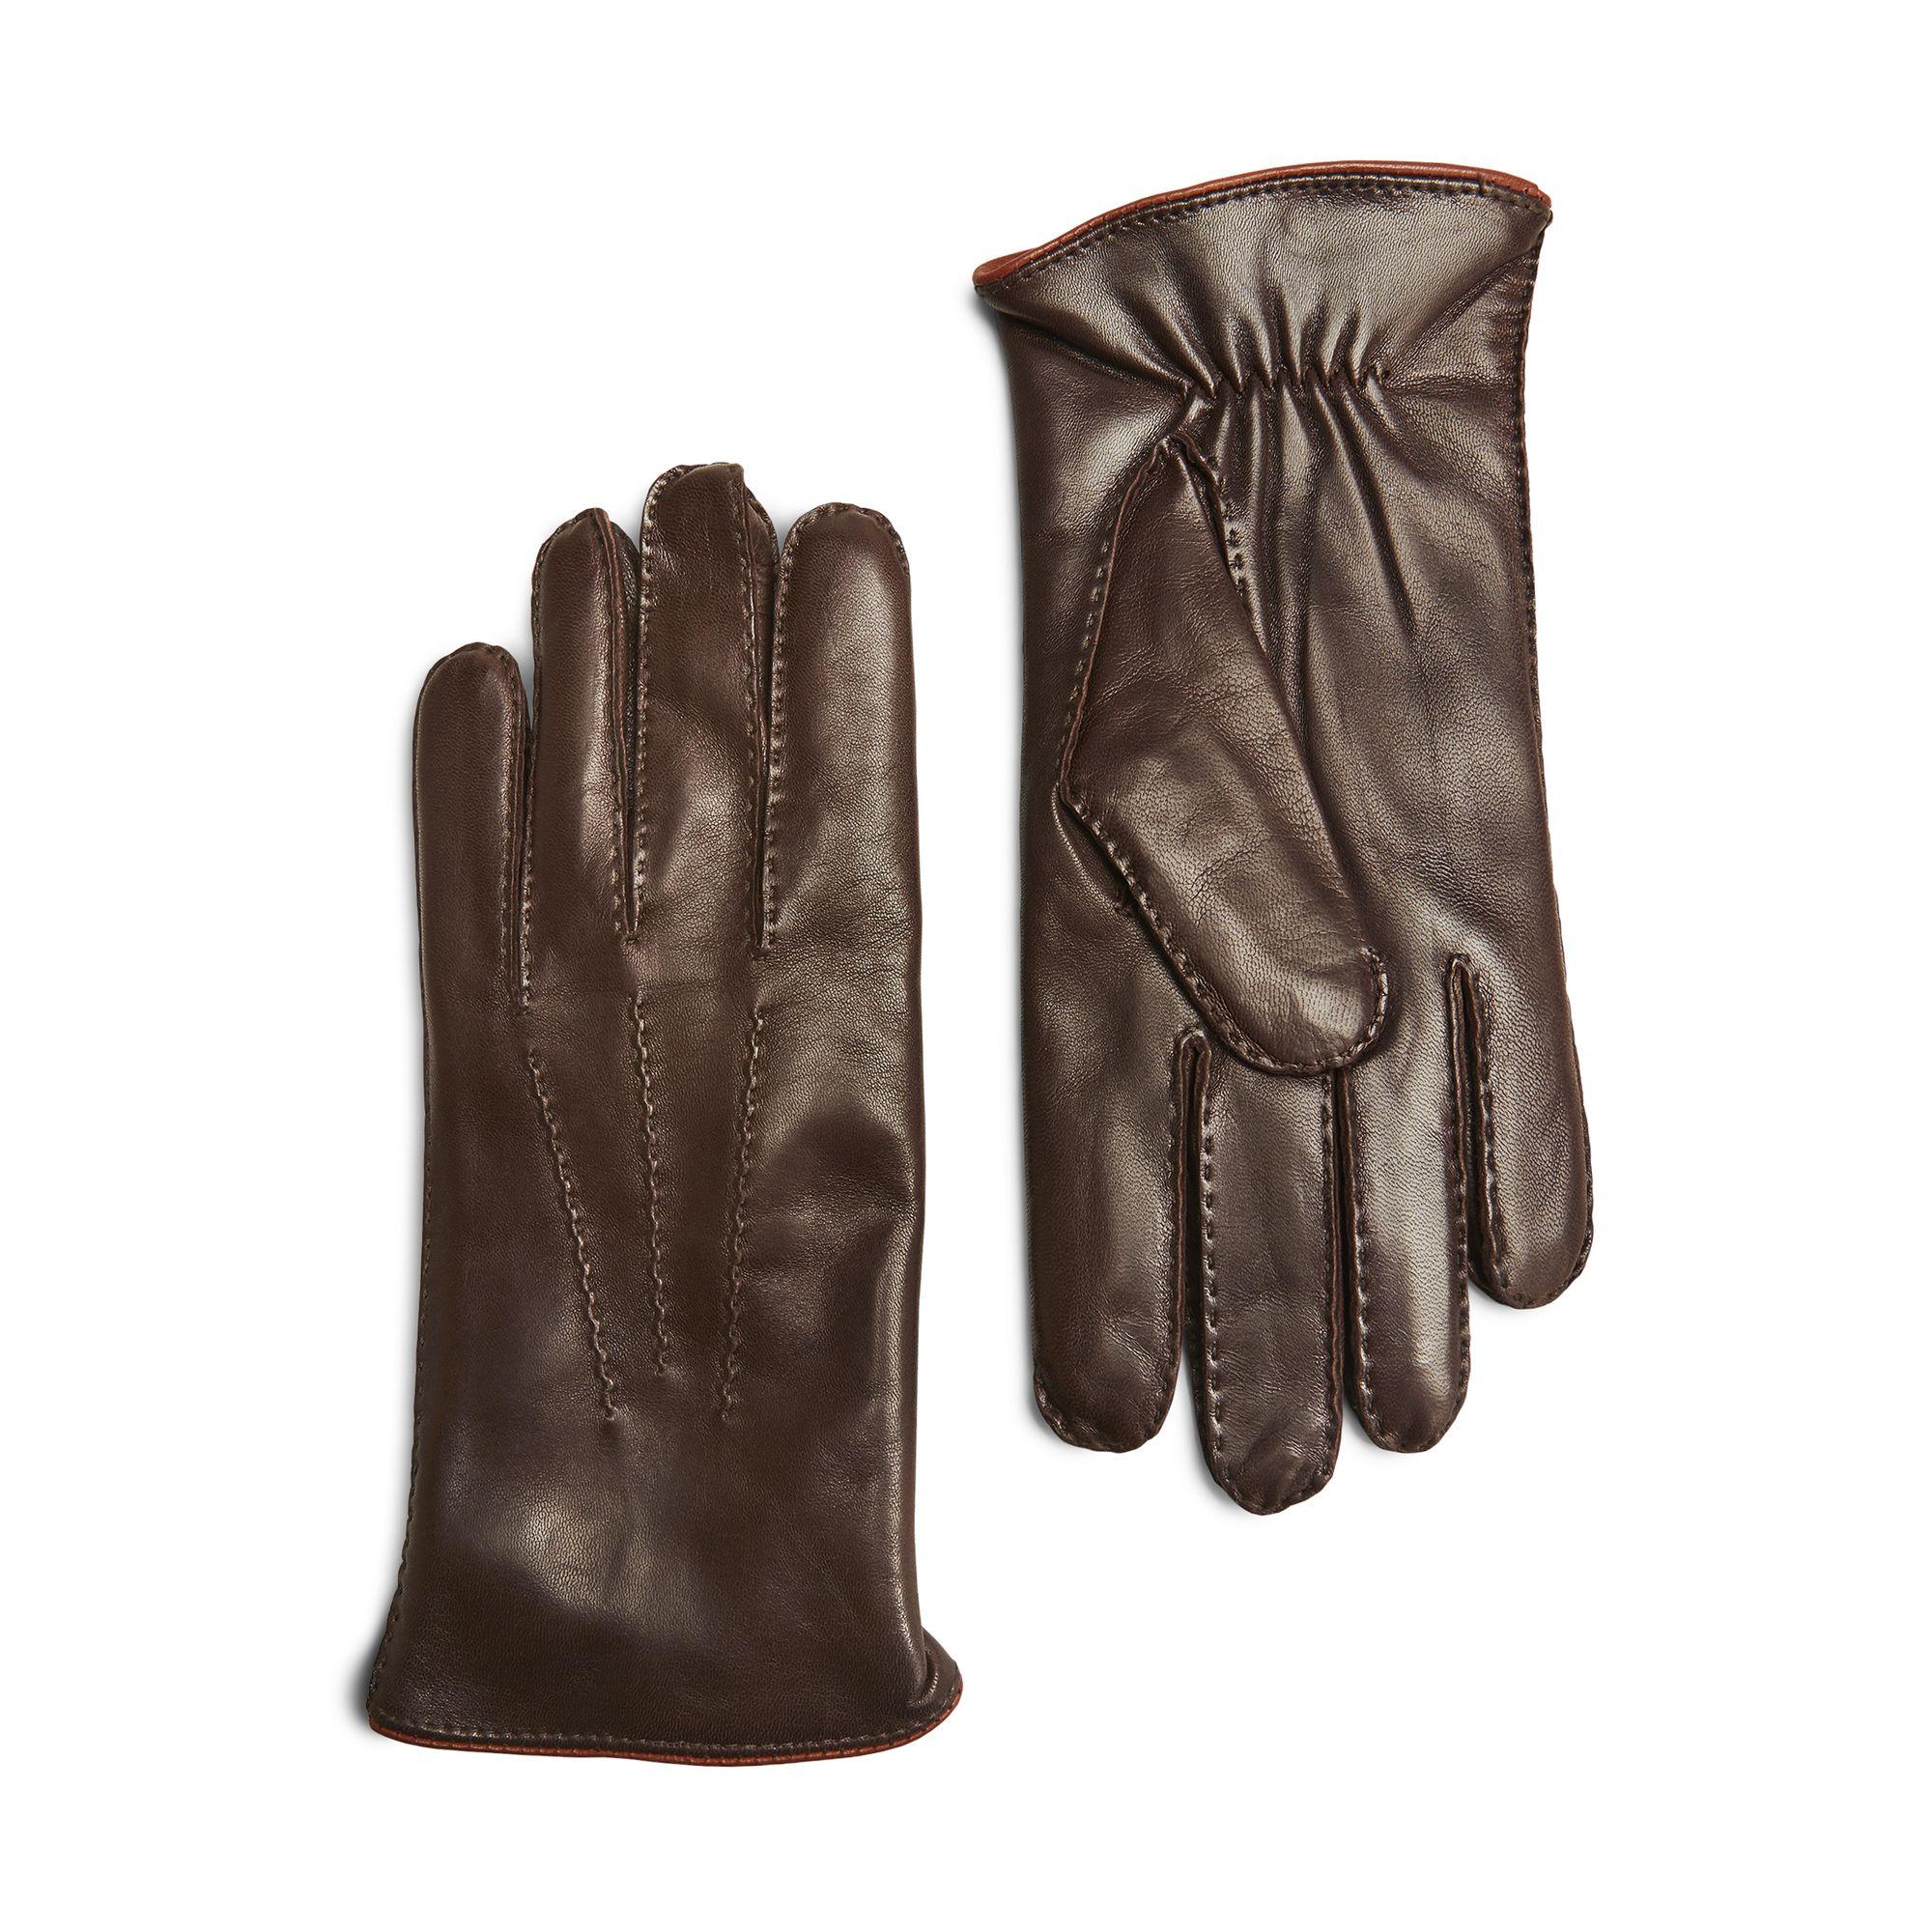 Handskmakaren Chioggia skinnhandske, herr, Brun, 10